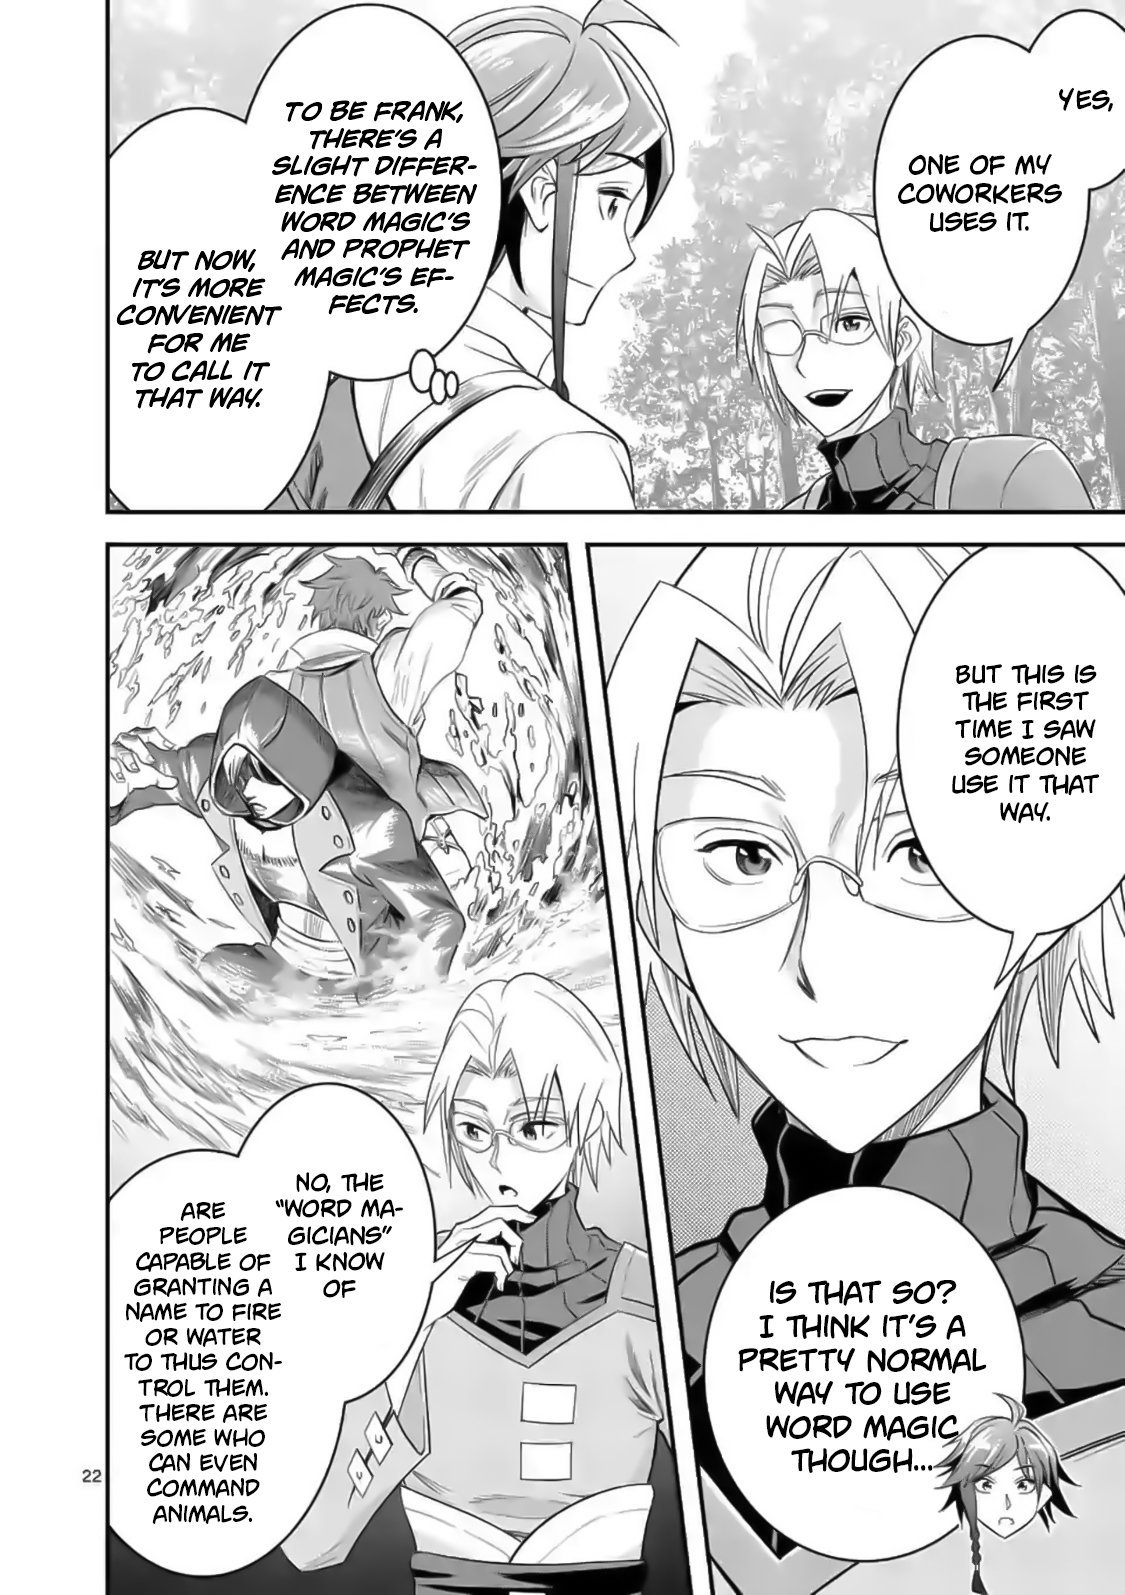 Manga 100-nin no Eiyuu o Sodateta Saikyou Yogensha wa, Boukensha ni Natte mo Sekaijuu no Deshi kara Shitawarete Masu - Chapter 19 Page 23